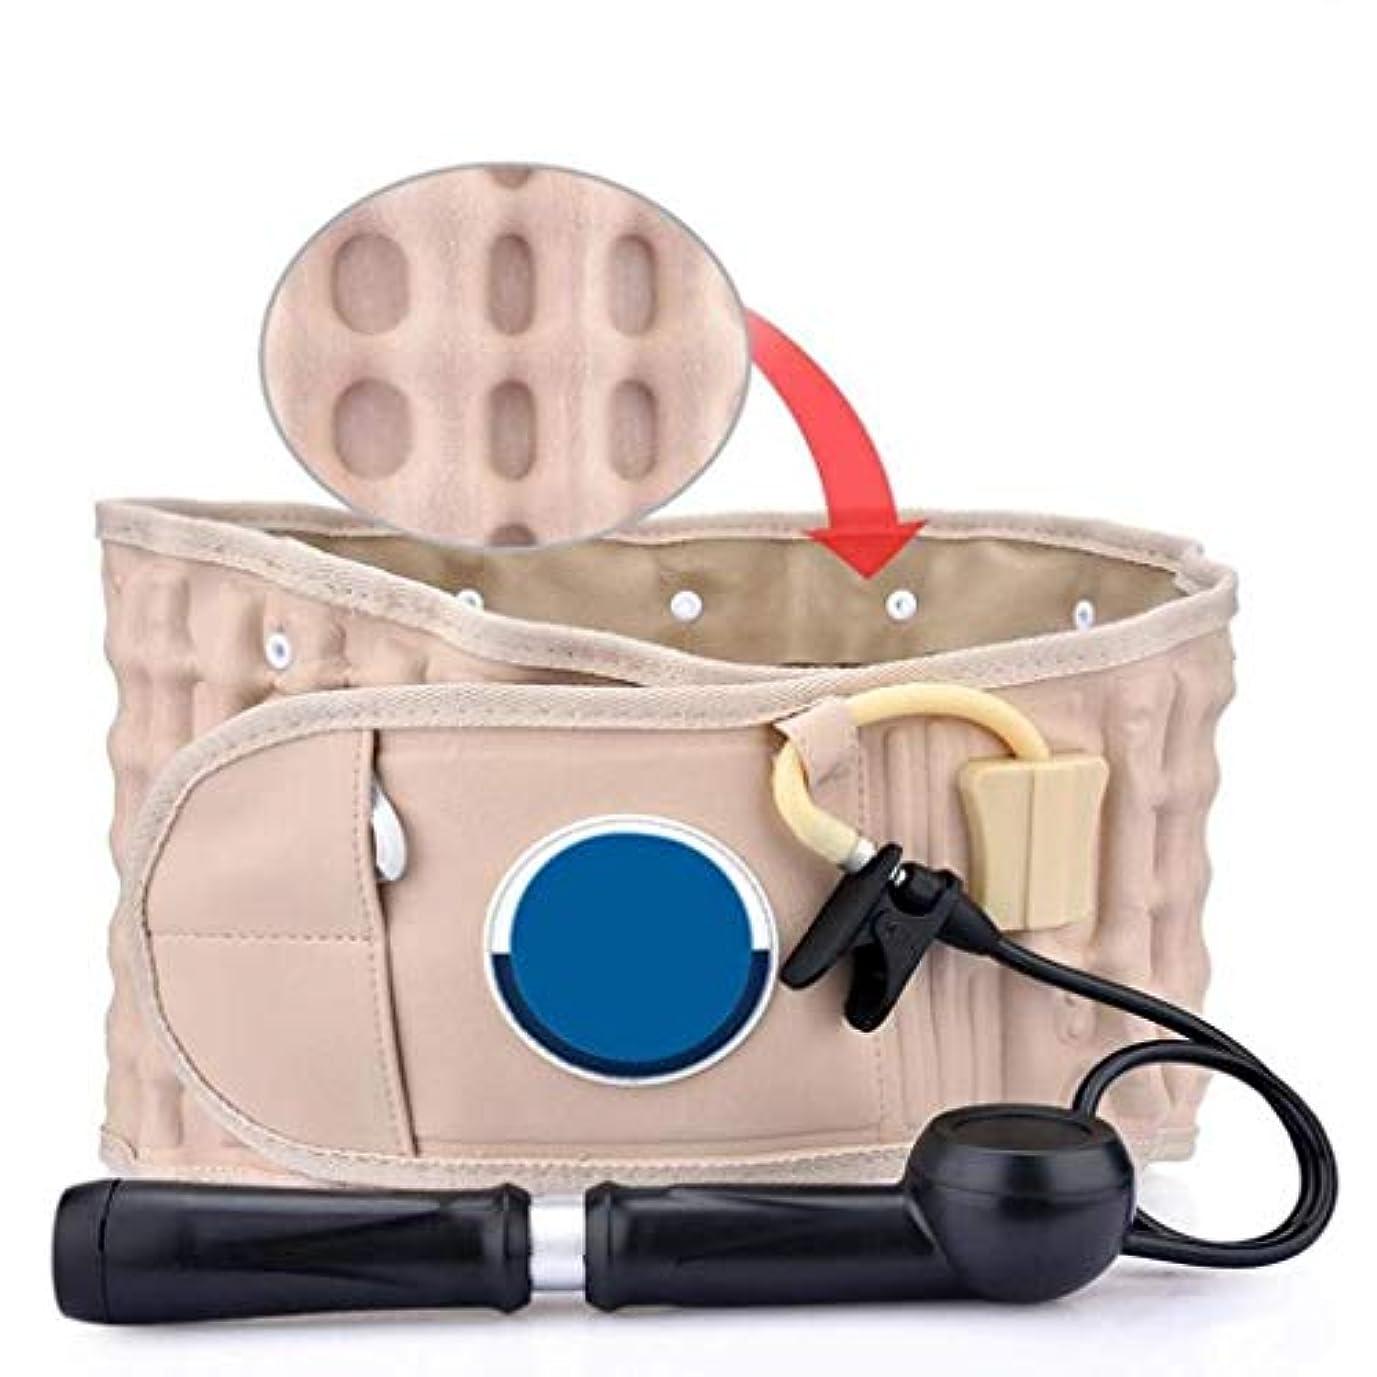 東ティモール役職溶かすウエストマッサージャー、2-in-1ストラップにより脊椎の変形が改善され、腰の圧力が低下し、姿勢装具 (Color : Apricot)